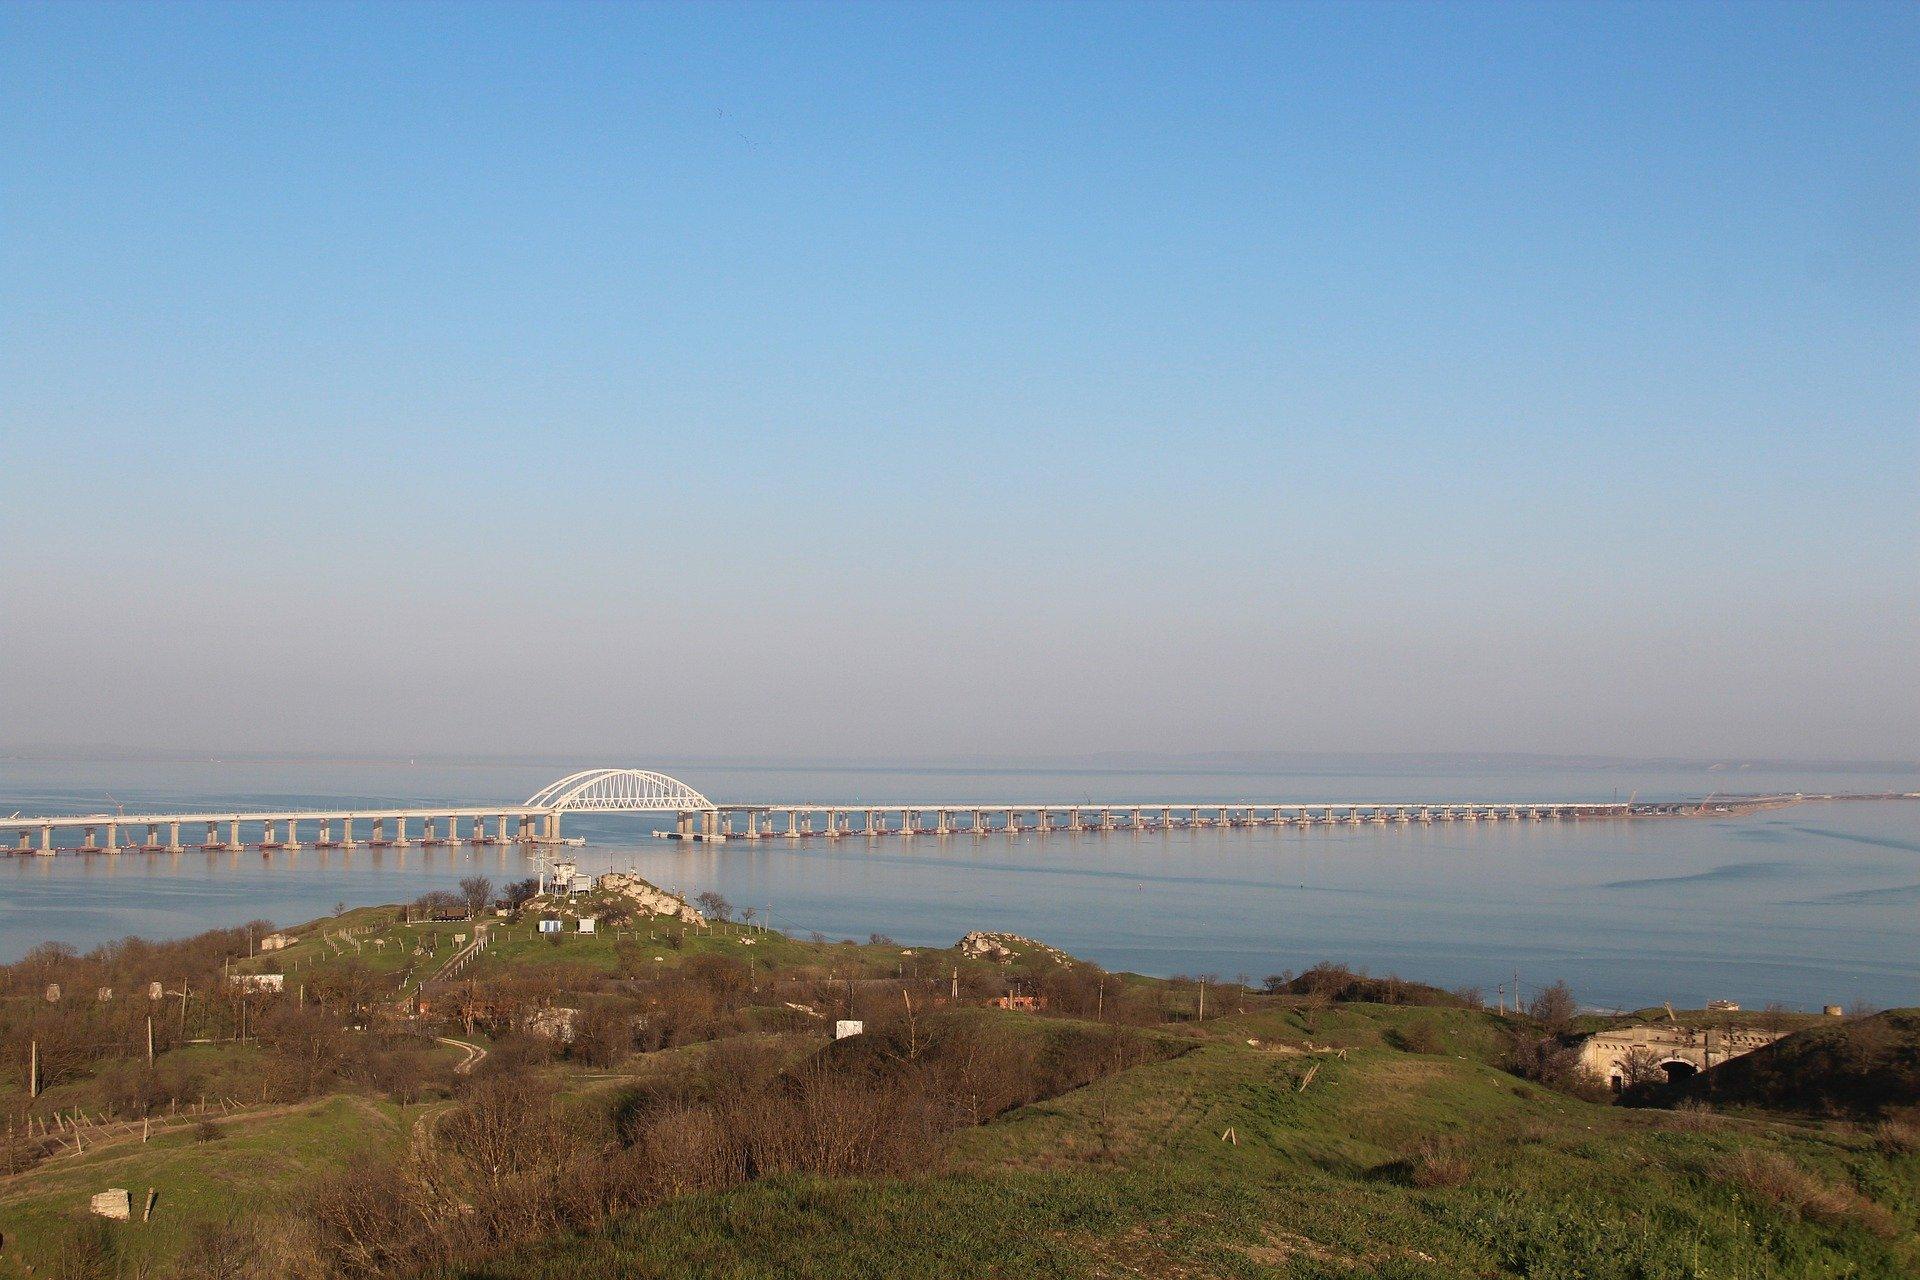 МЗС України протестує у зв'язку з обмеженням РФ свободи судноплавства в Чорному морі